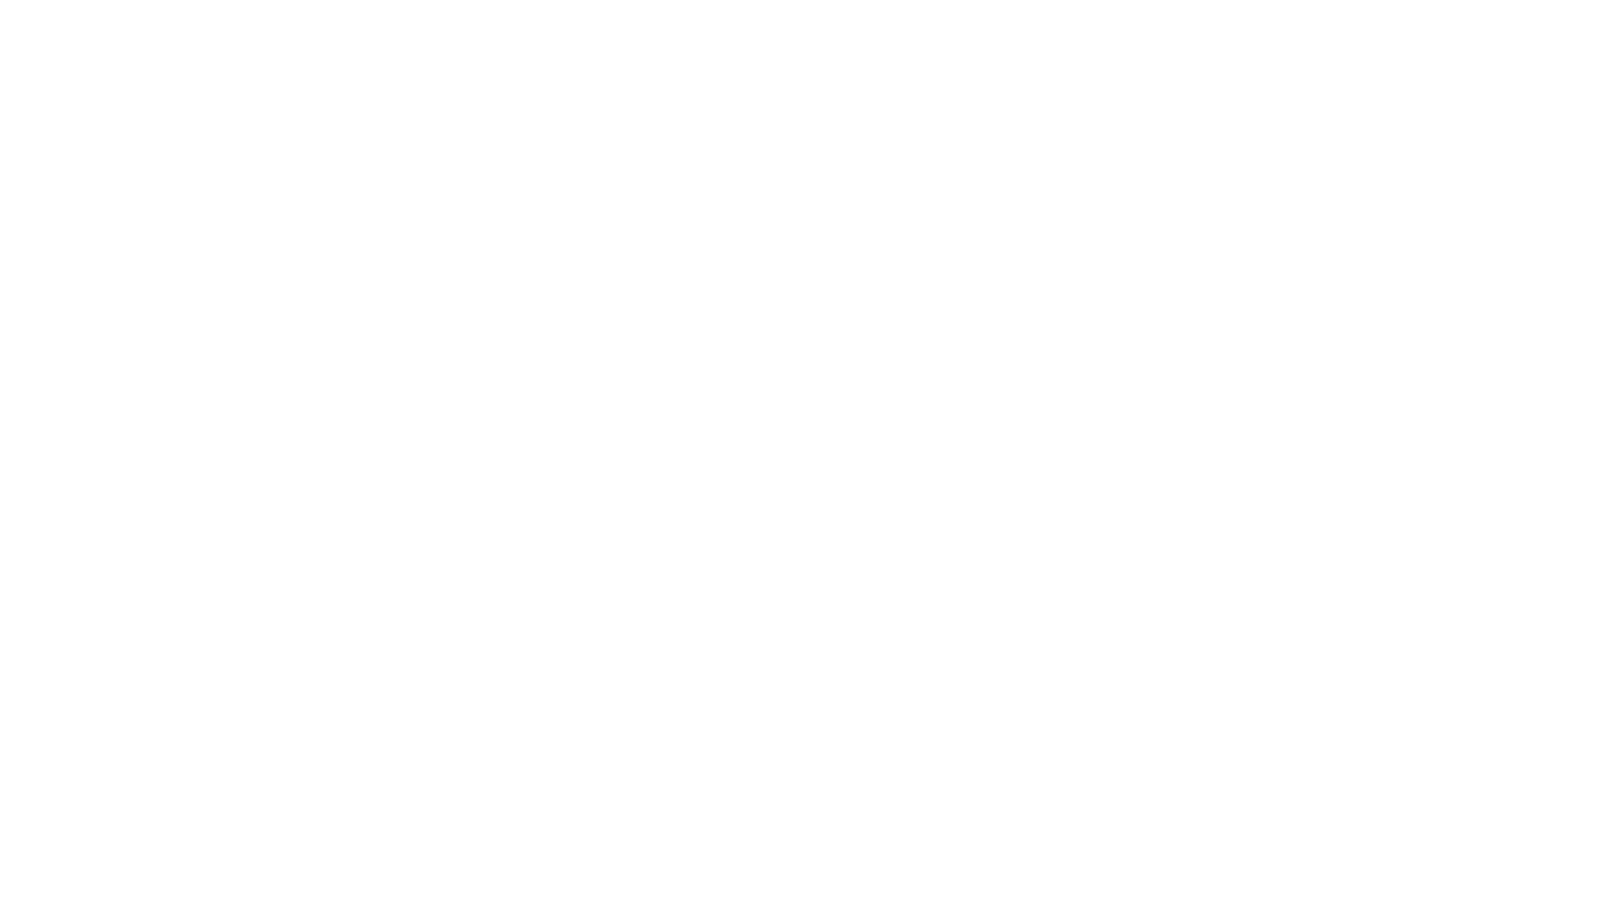 Información sobre Terapia de Regresiones de Vidas Pasadas. https://vueloalalibertad.com/regresiones/  CONTENIDO DE ESTE VÍDEO (te recomiendo ir a mi blog donde está el artículo completo, tienes el enlace al final):  El Libre Albedrío es, todo el mundo lo repite, algo que posees, que tienes. Como individuo puedes dudarlo, pero quienes dirigen la narrativa oficial no plantean duda alguna, porque siempre lo repiten. Sin embargo, al día de hoy, nadie que reflexione detenidamente lo puede creer.  Hay un poder que limita constantemente y de forma creciente tu Libre Albedrío. Aunque te dirá siempre que es por tu bien, eres demasiado limitado para saber lo que te conviene, ellos lo saben mejor que tú.... (Seguir leyendo en mi blog: https://cutt.ly/WnzVkHq).  Instagram: https:/instagram.com/vueloalalibertad Twitter: https://twitter.com/samsarafree